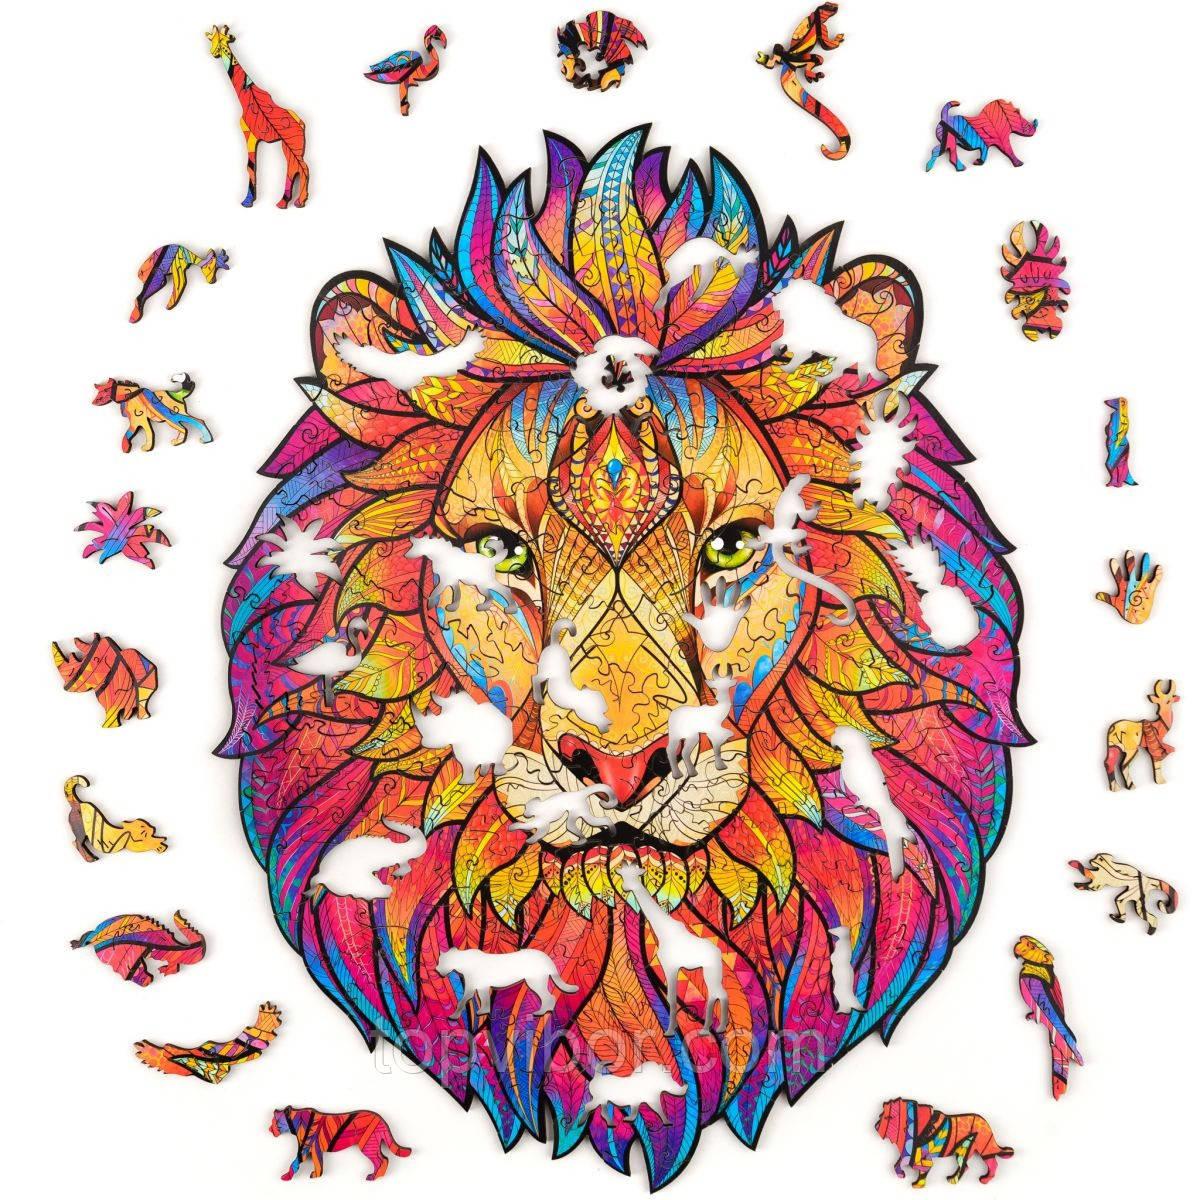 """Пазлы из дерева для взрослых А5 """"Wooden jigsaw puzzle - Mysterious lion"""", фигурный деревянный пазл лев (VT)"""